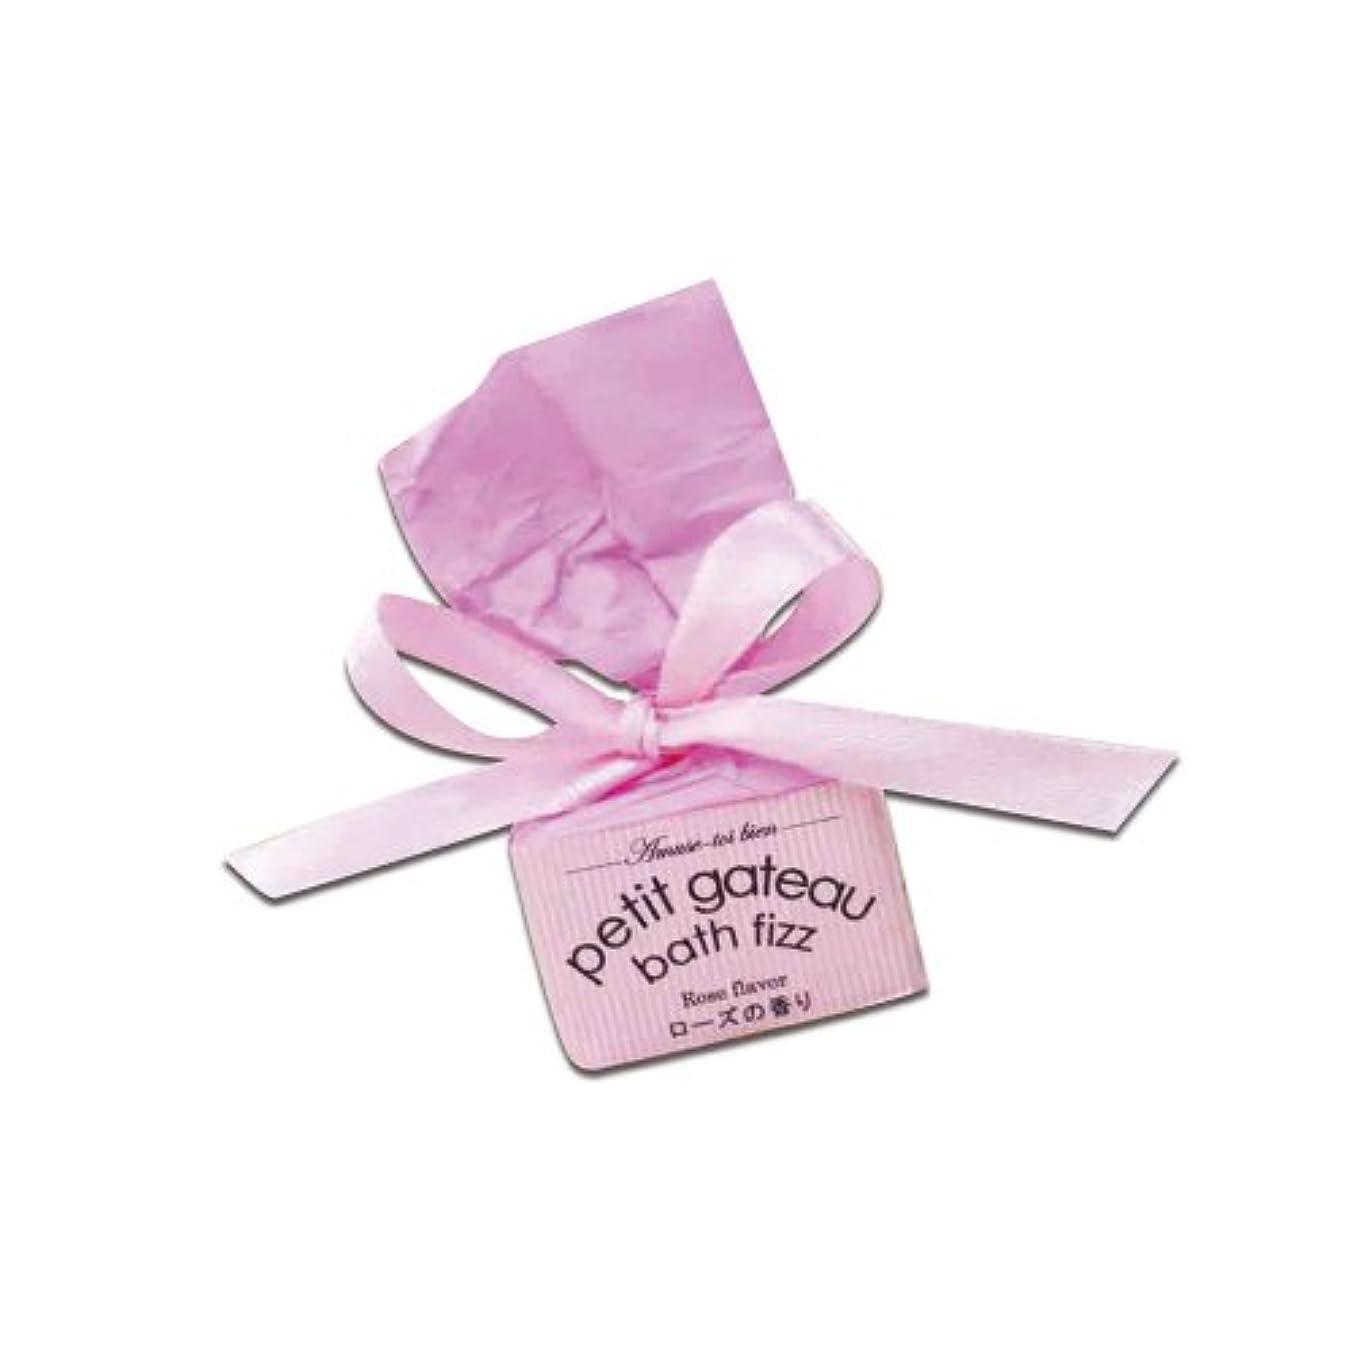 論文クローンはがきプチガトーバスフィザー ローズの香り 12個セット